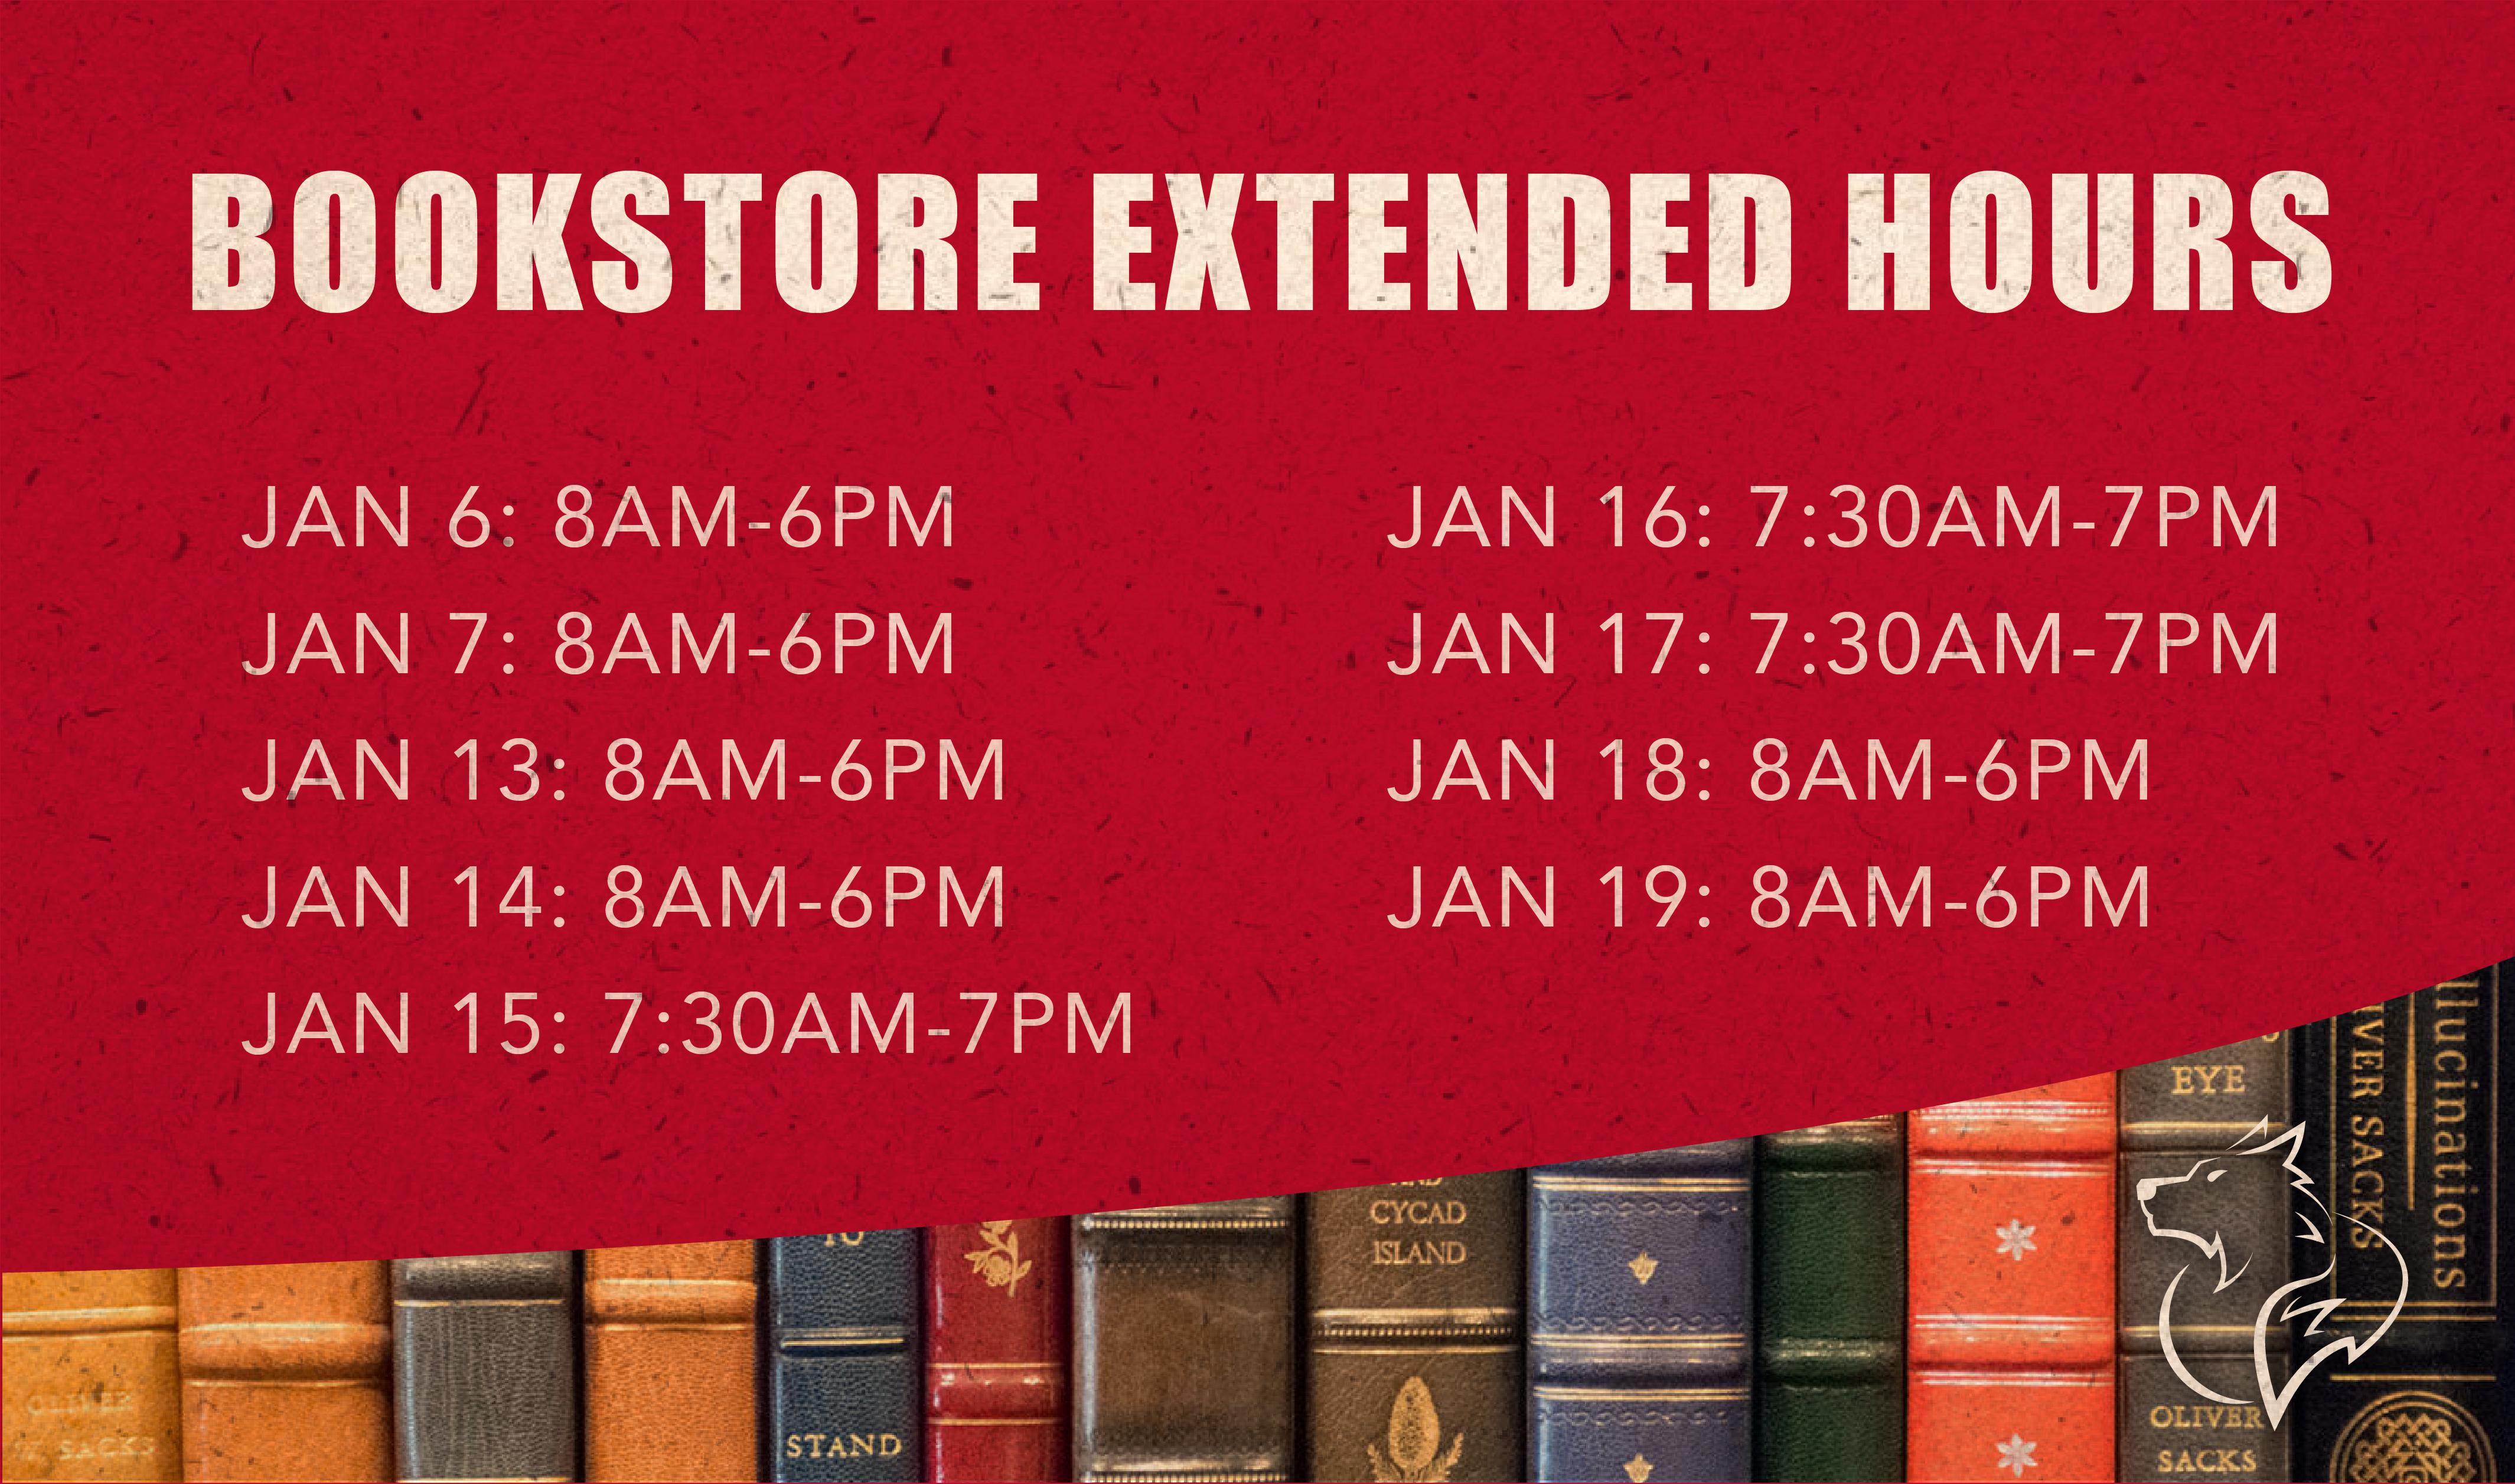 Bookstorehours 01